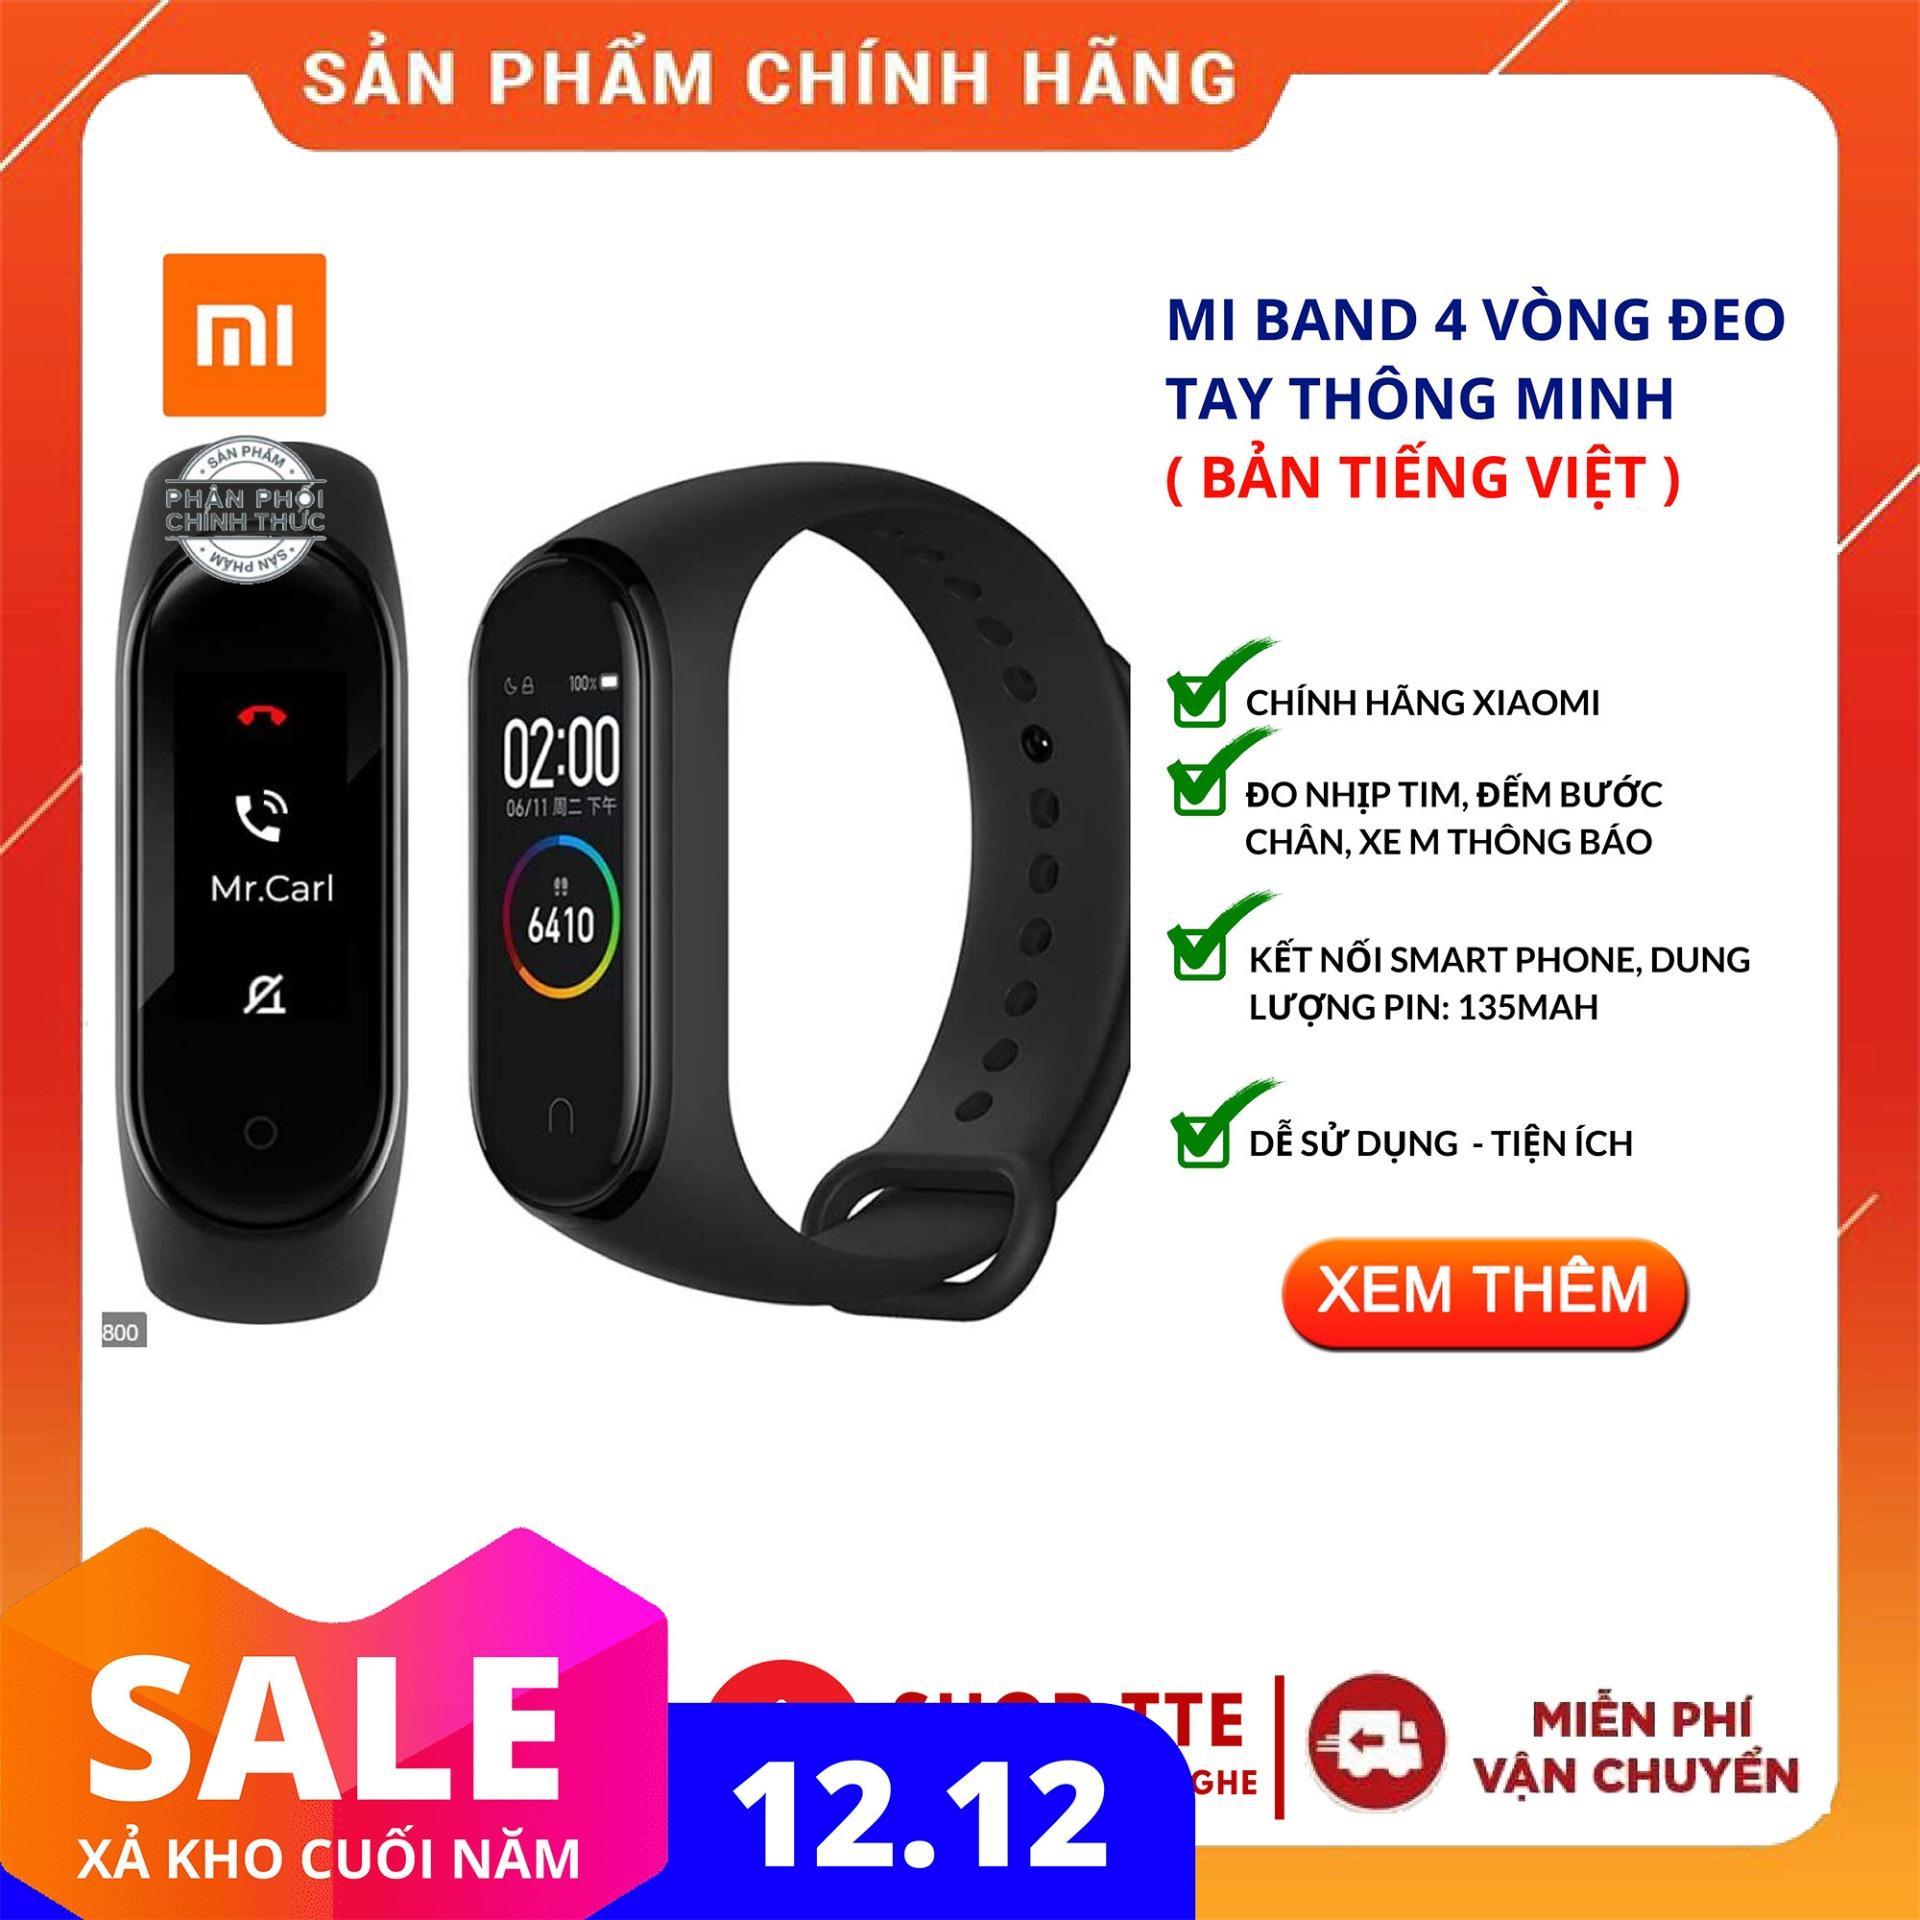 MIBAND 4 ( Full Tiếng Việt ) ĐỒNG HỒ THÔNG MINH - PHIÊN BẢN TIẾNG VIỆT Đang Có Giảm Giá